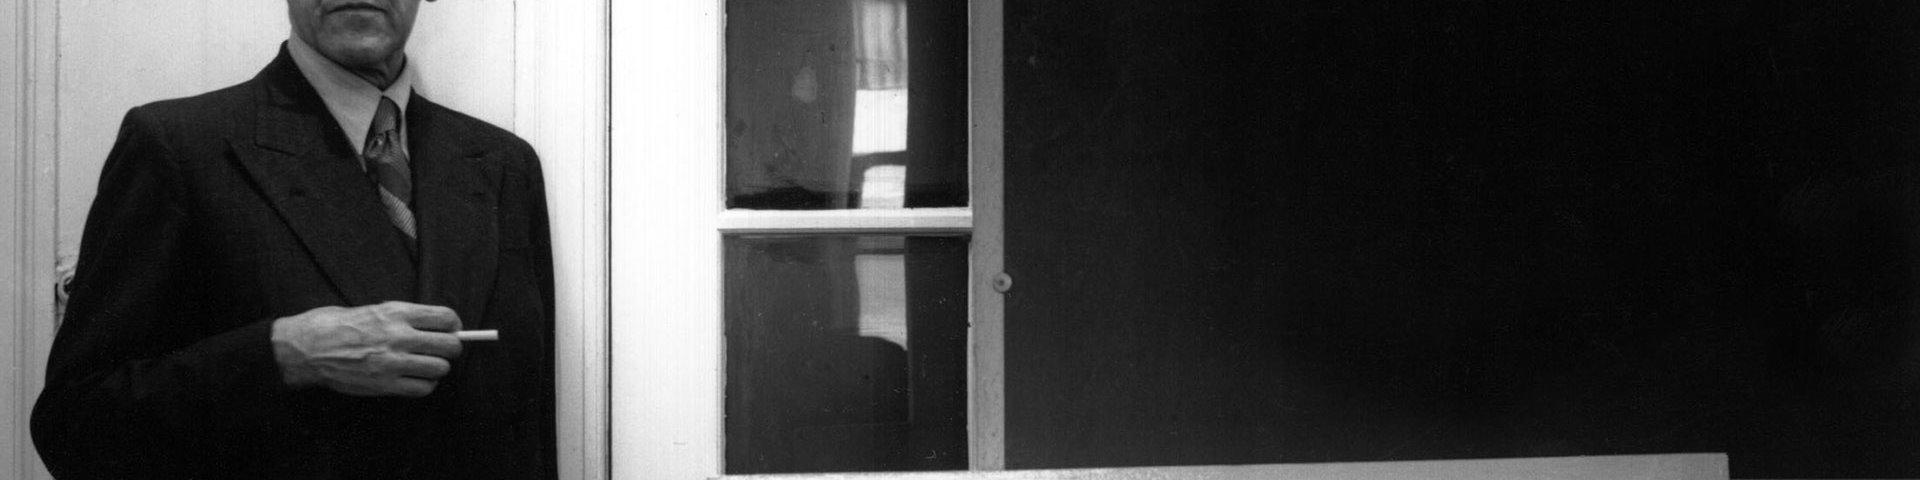 Acerca de la exposición digital El caso Mondrian